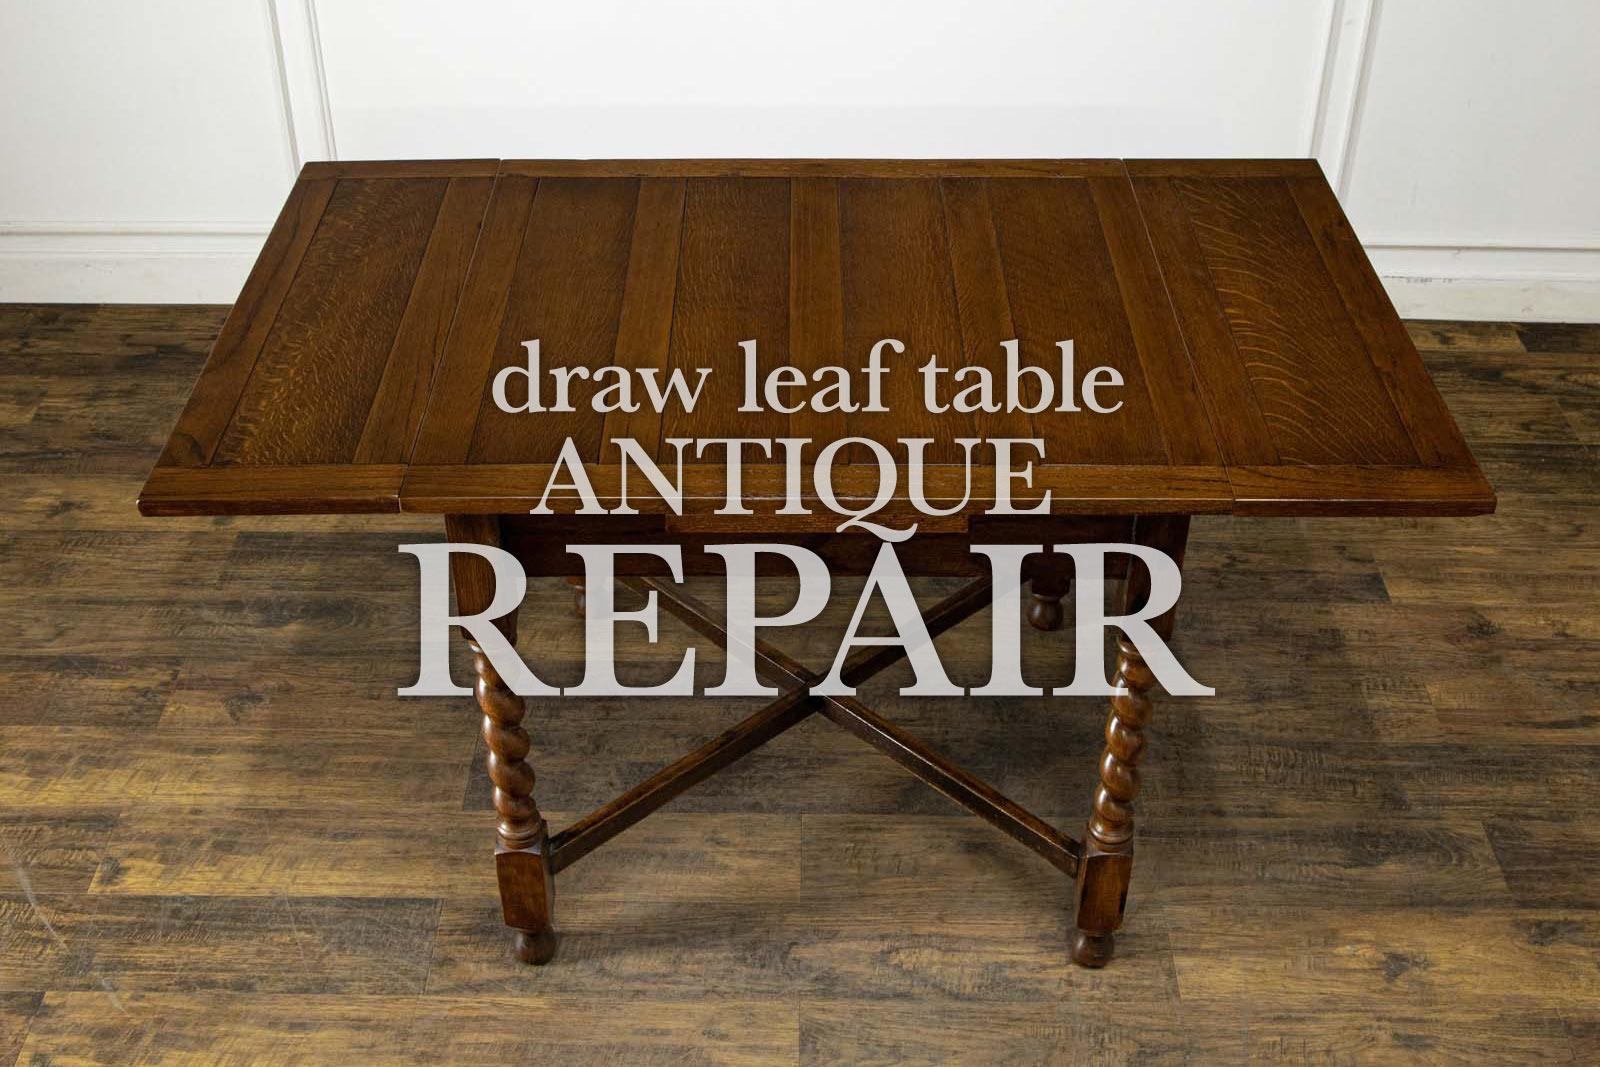 分かりにくいアンティーク家具のリペアを分かりやすくご紹介!ドローリーフテーブルのリペア